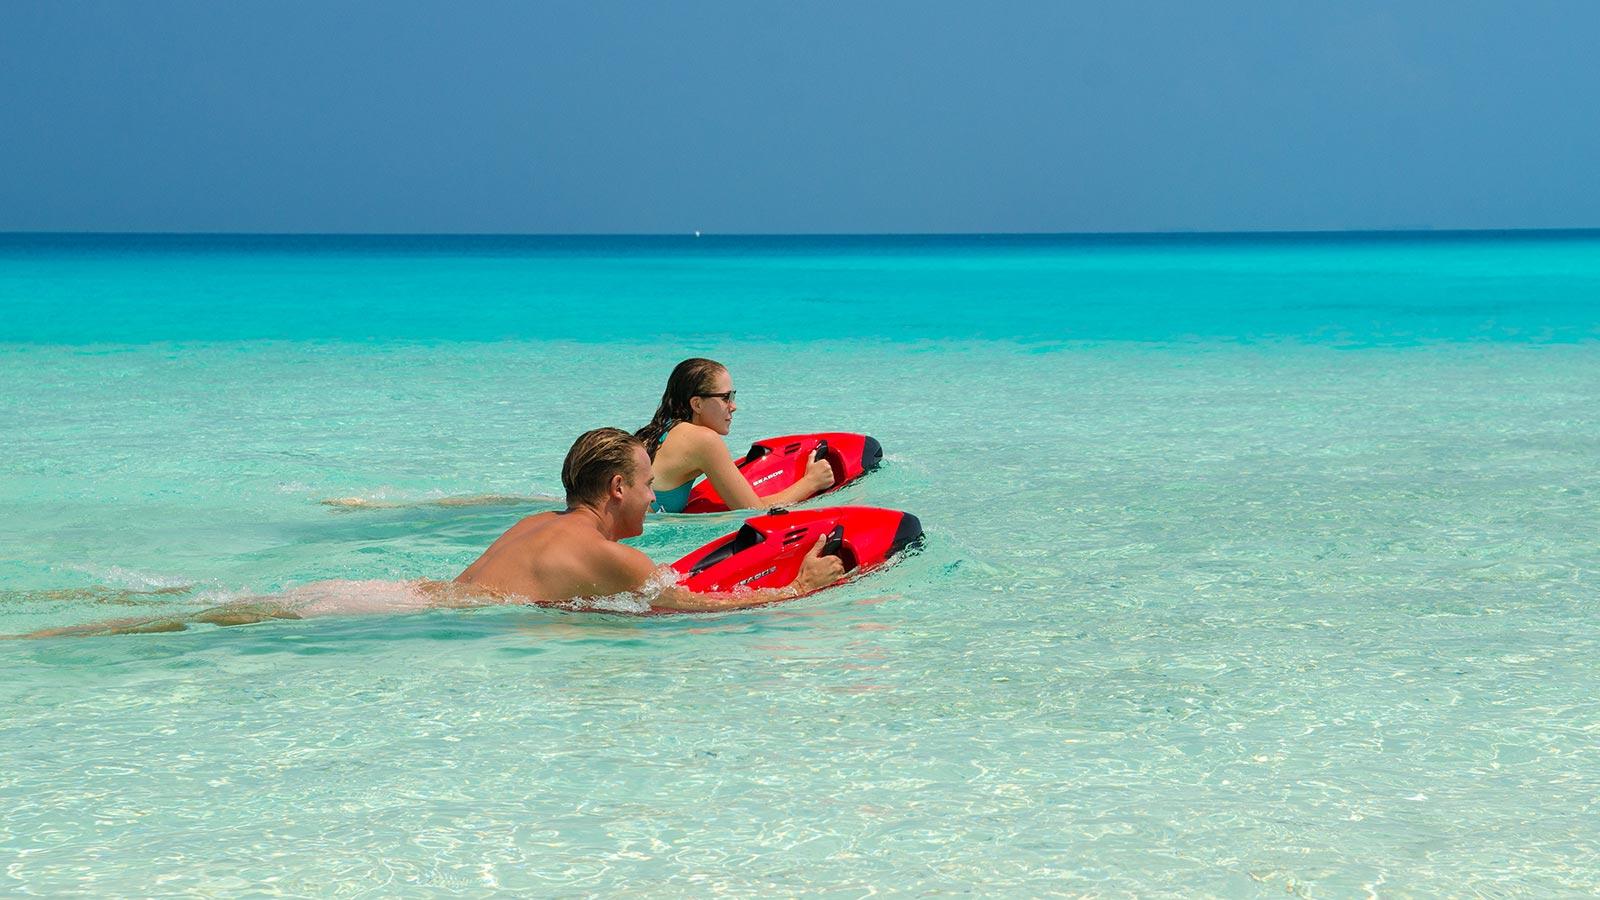 Seabob Maldives watersports